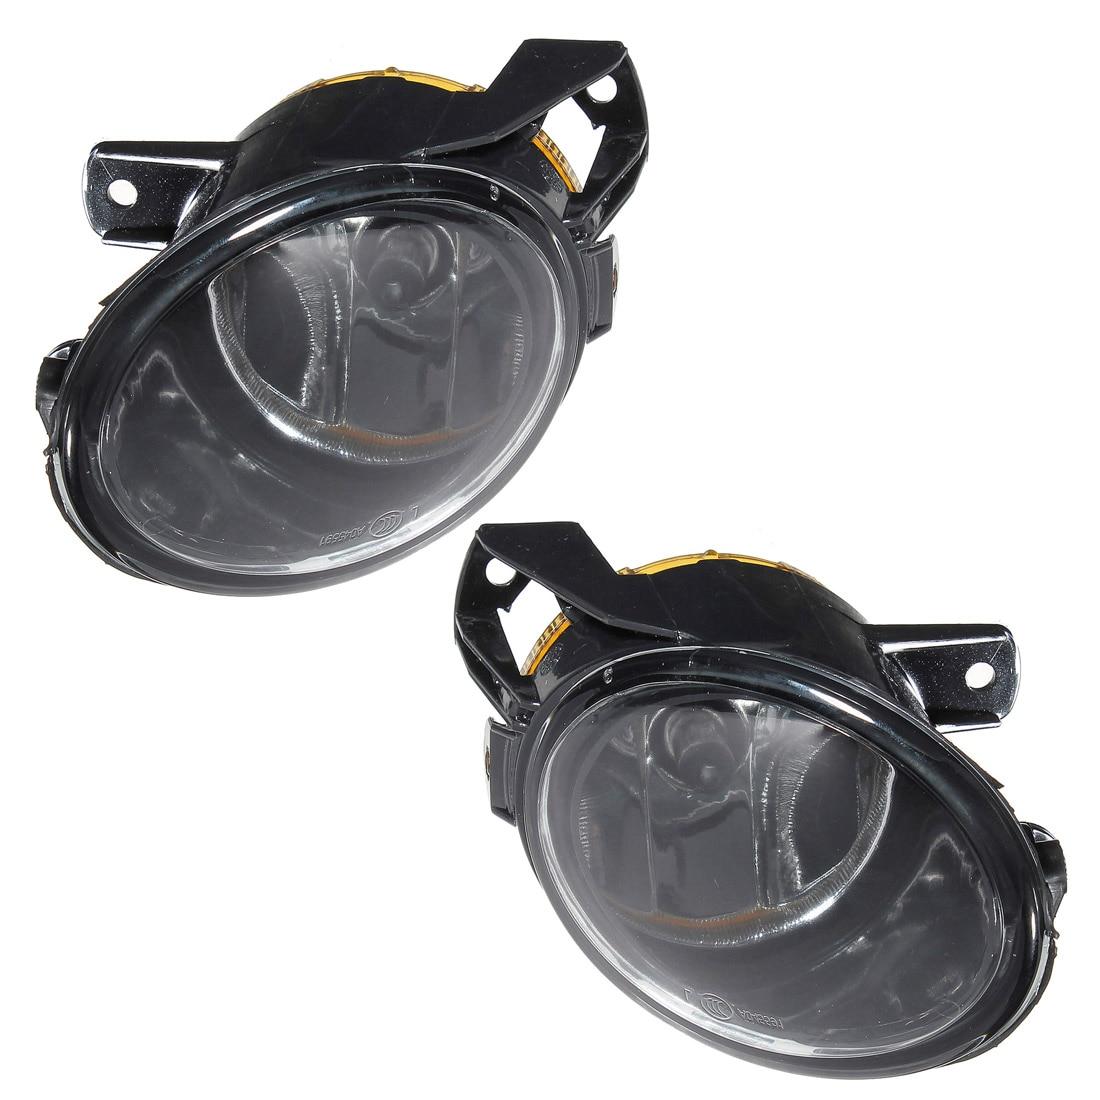 1Pcs Left And Right Hand LH Driving Fog Lamp Fog Light For VW 2006-2009 Passat B6 3C Sedan Wagon Variant<br>